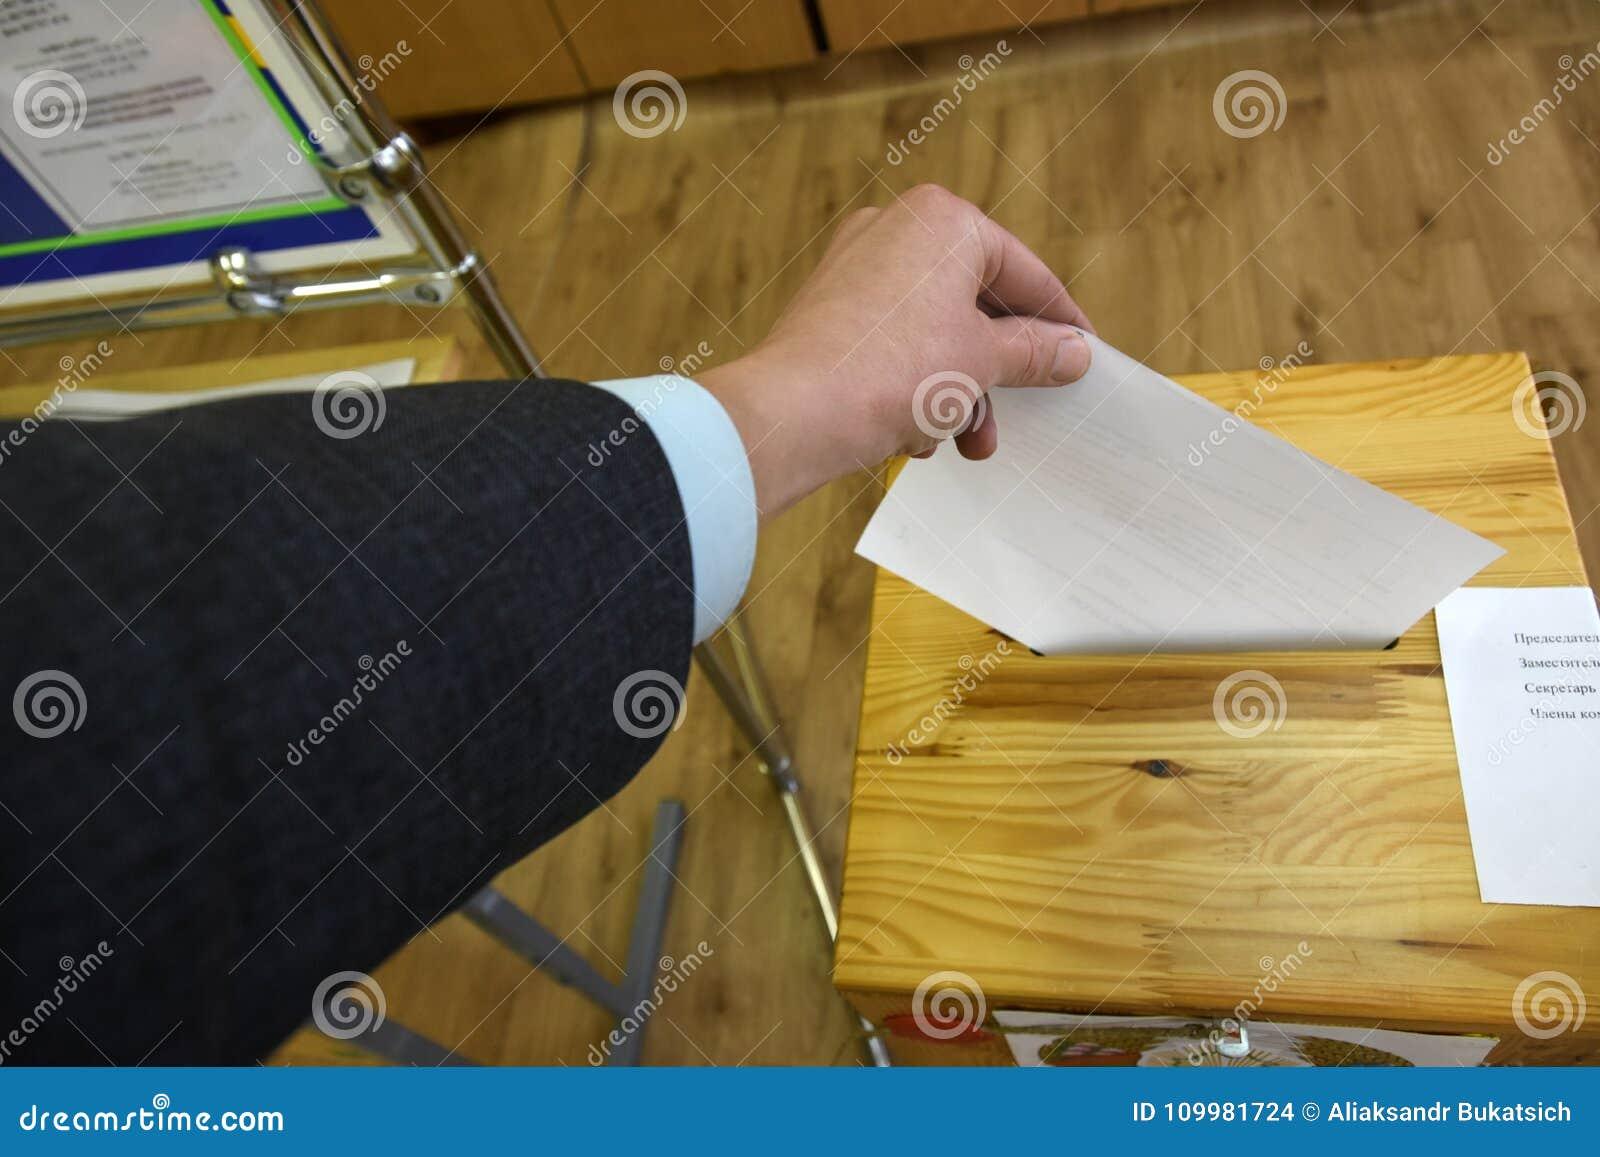 Εκλογές των αναπληρωτών και του Προέδρου στην πρόωρη ψηφοφορία Δημοκρατίας της Λευκορωσίας όπως στις ΗΠΑ